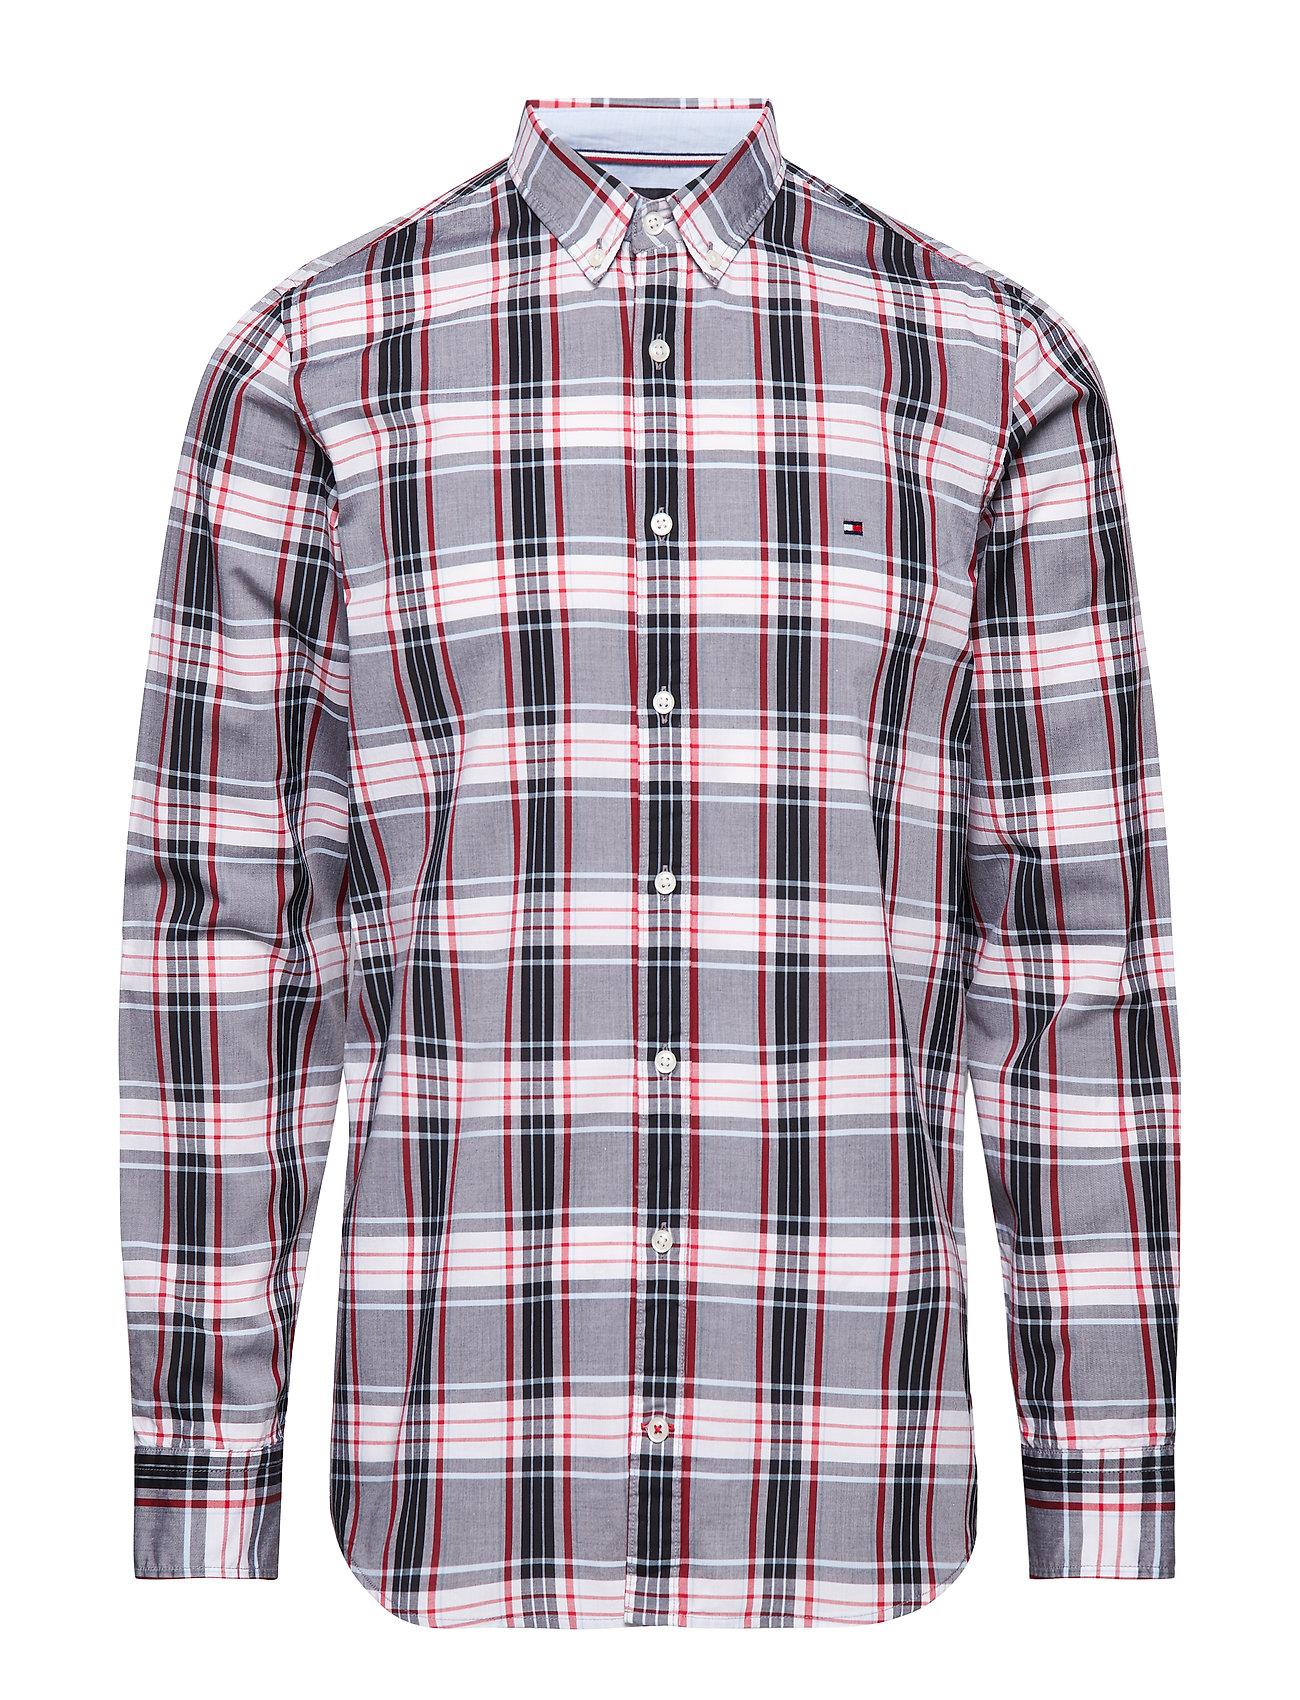 Image of Slim Multi Color Che Skjorte Casual Multi/mønstret TOMMY HILFIGER (3086388099)